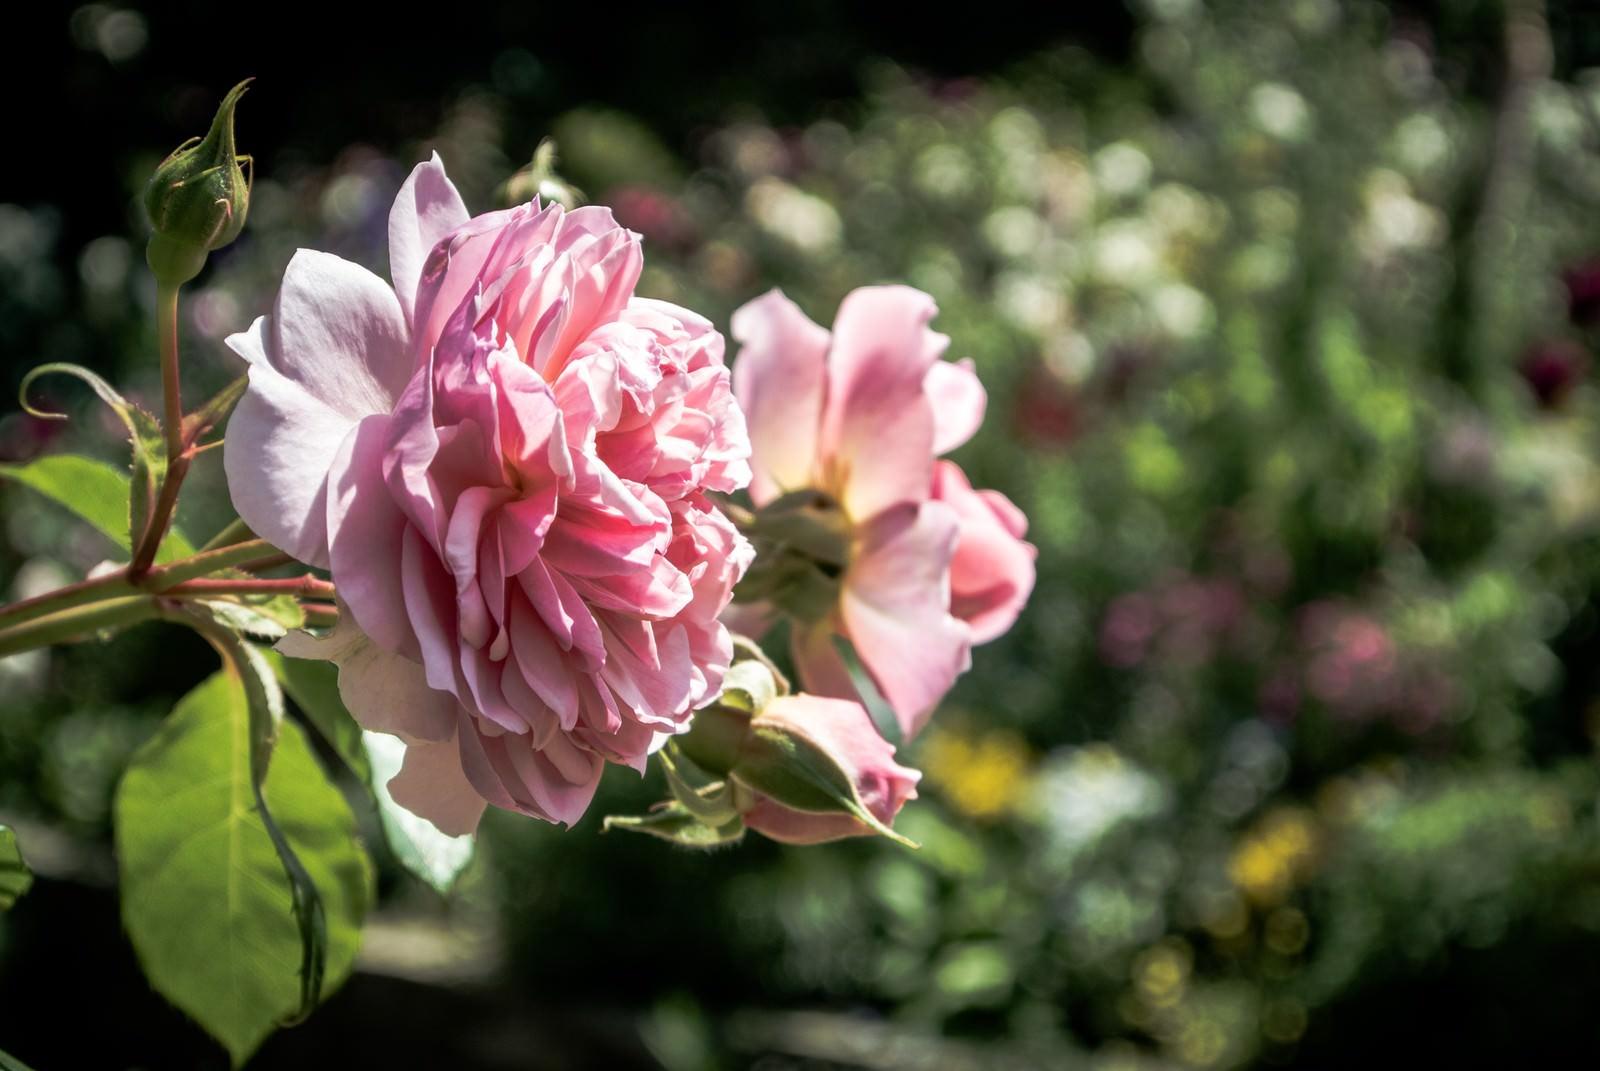 「風に揺れる(バラ)風に揺れる(バラ)」のフリー写真素材を拡大